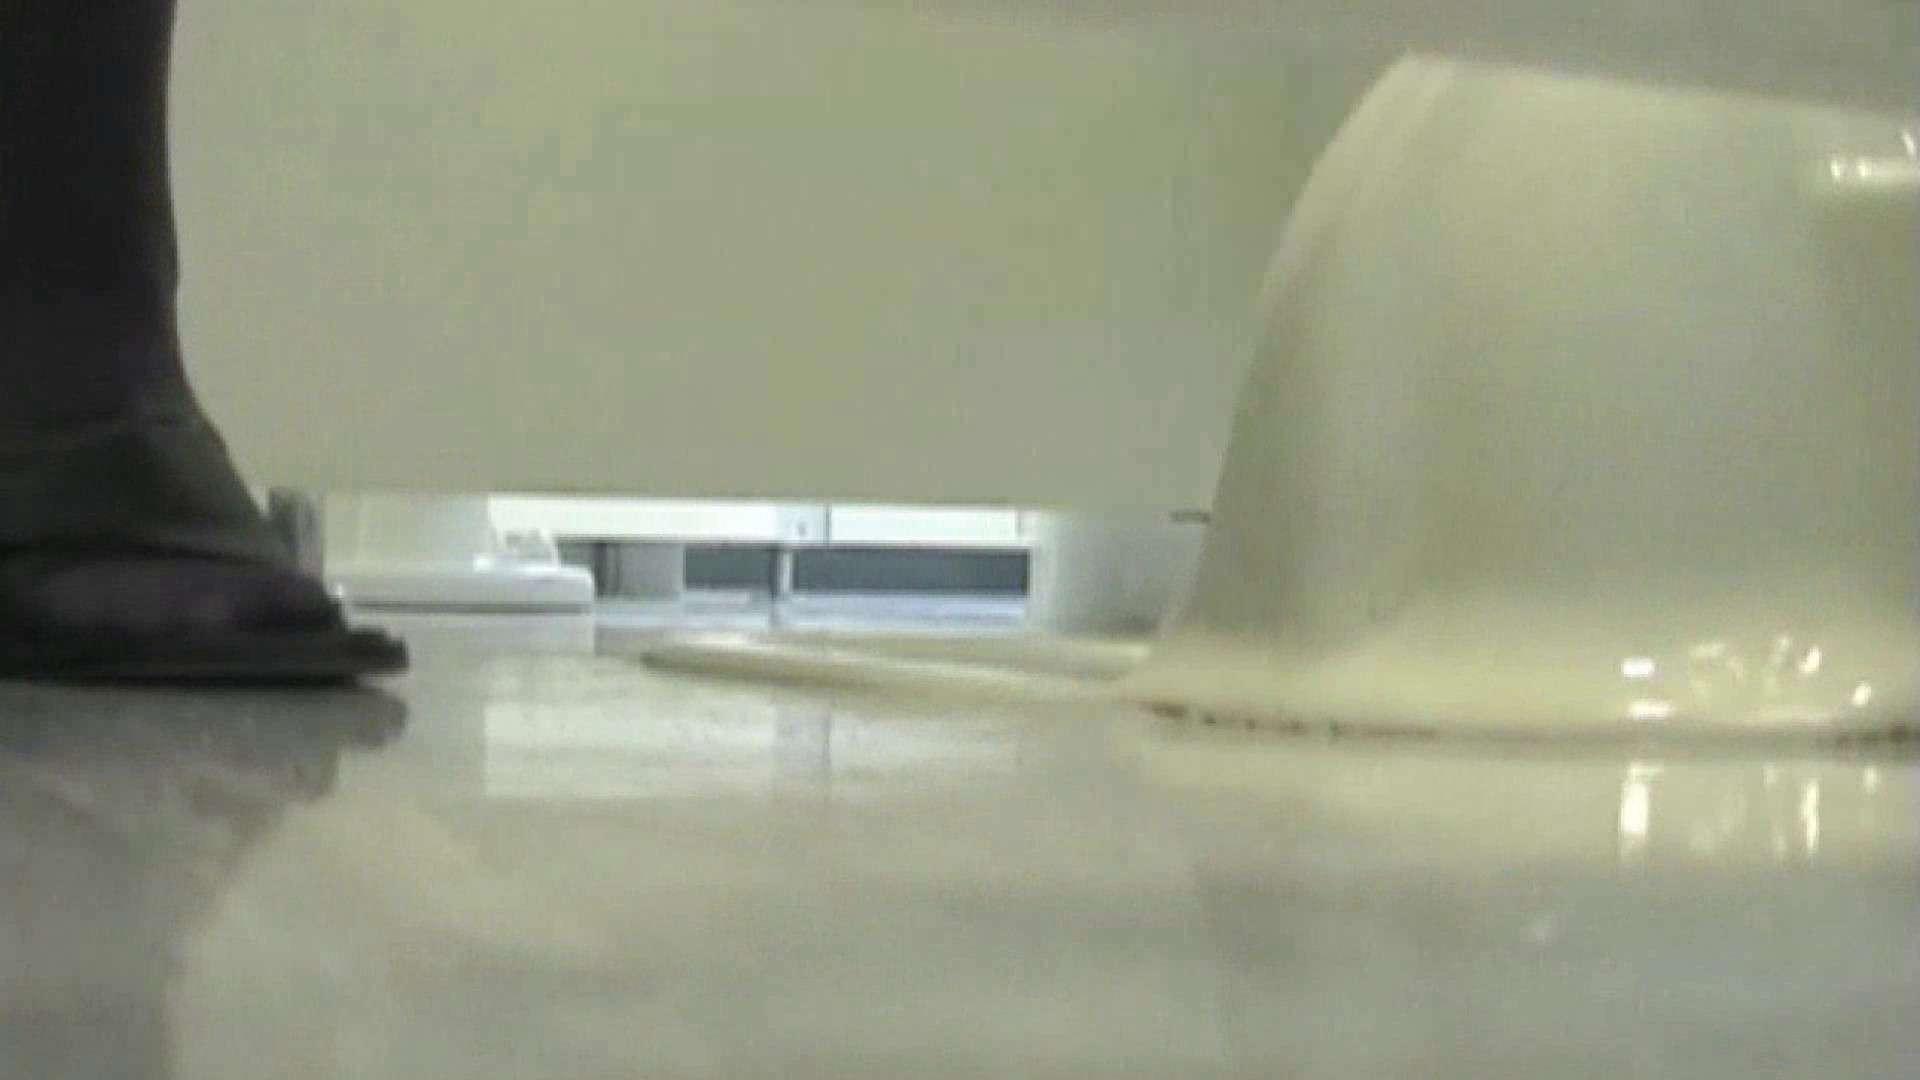 キレカワ女子大生の秘密の洗面所!Vol.026 盗撮 のぞき動画画像 75画像 51